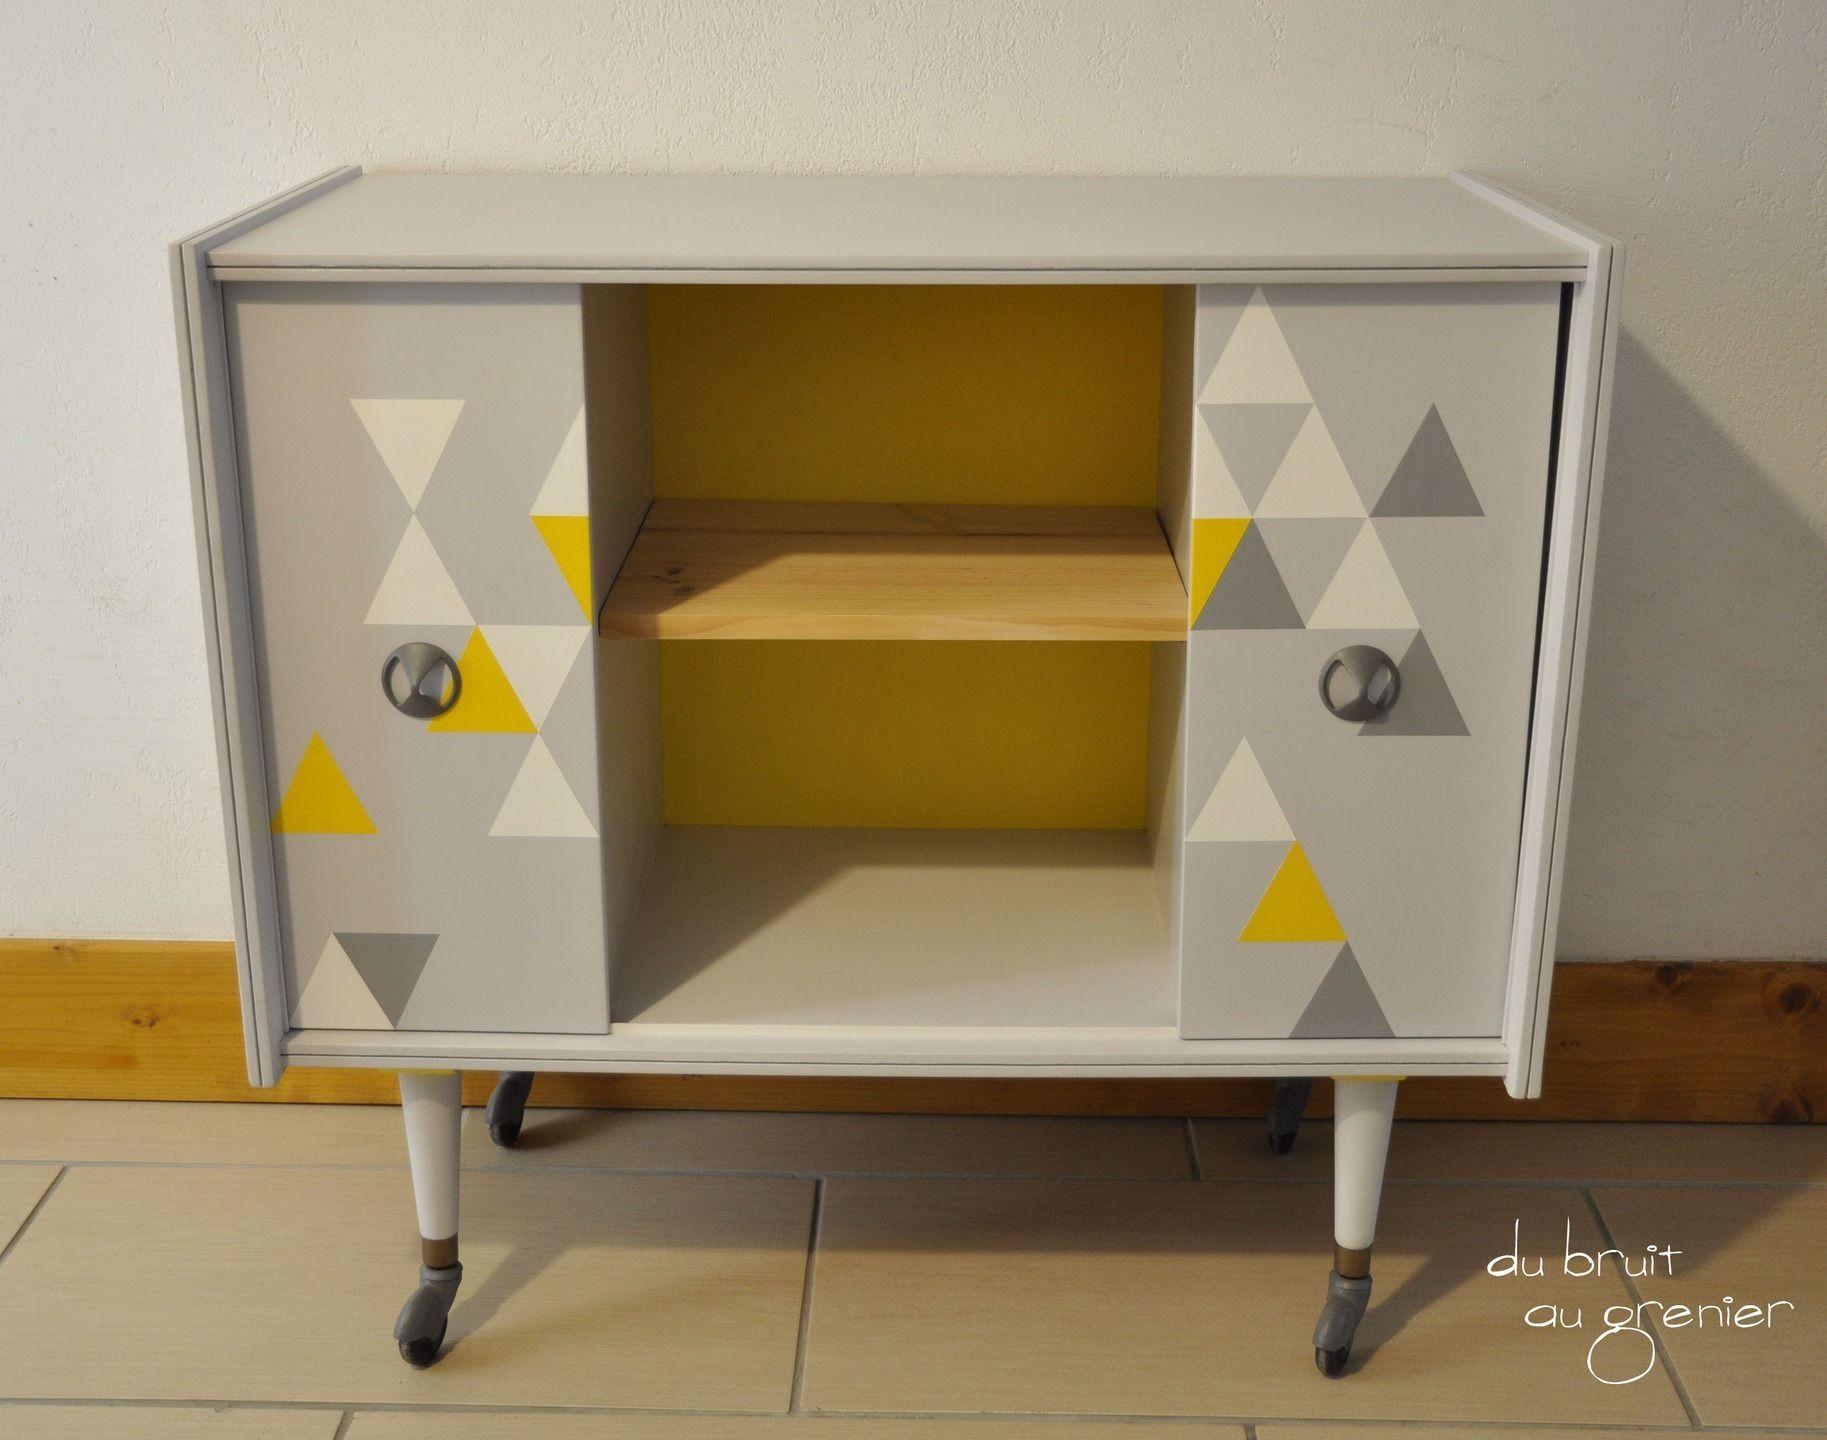 petit meuble vintage pinterest petit meuble meuble vintage et le bar. Black Bedroom Furniture Sets. Home Design Ideas